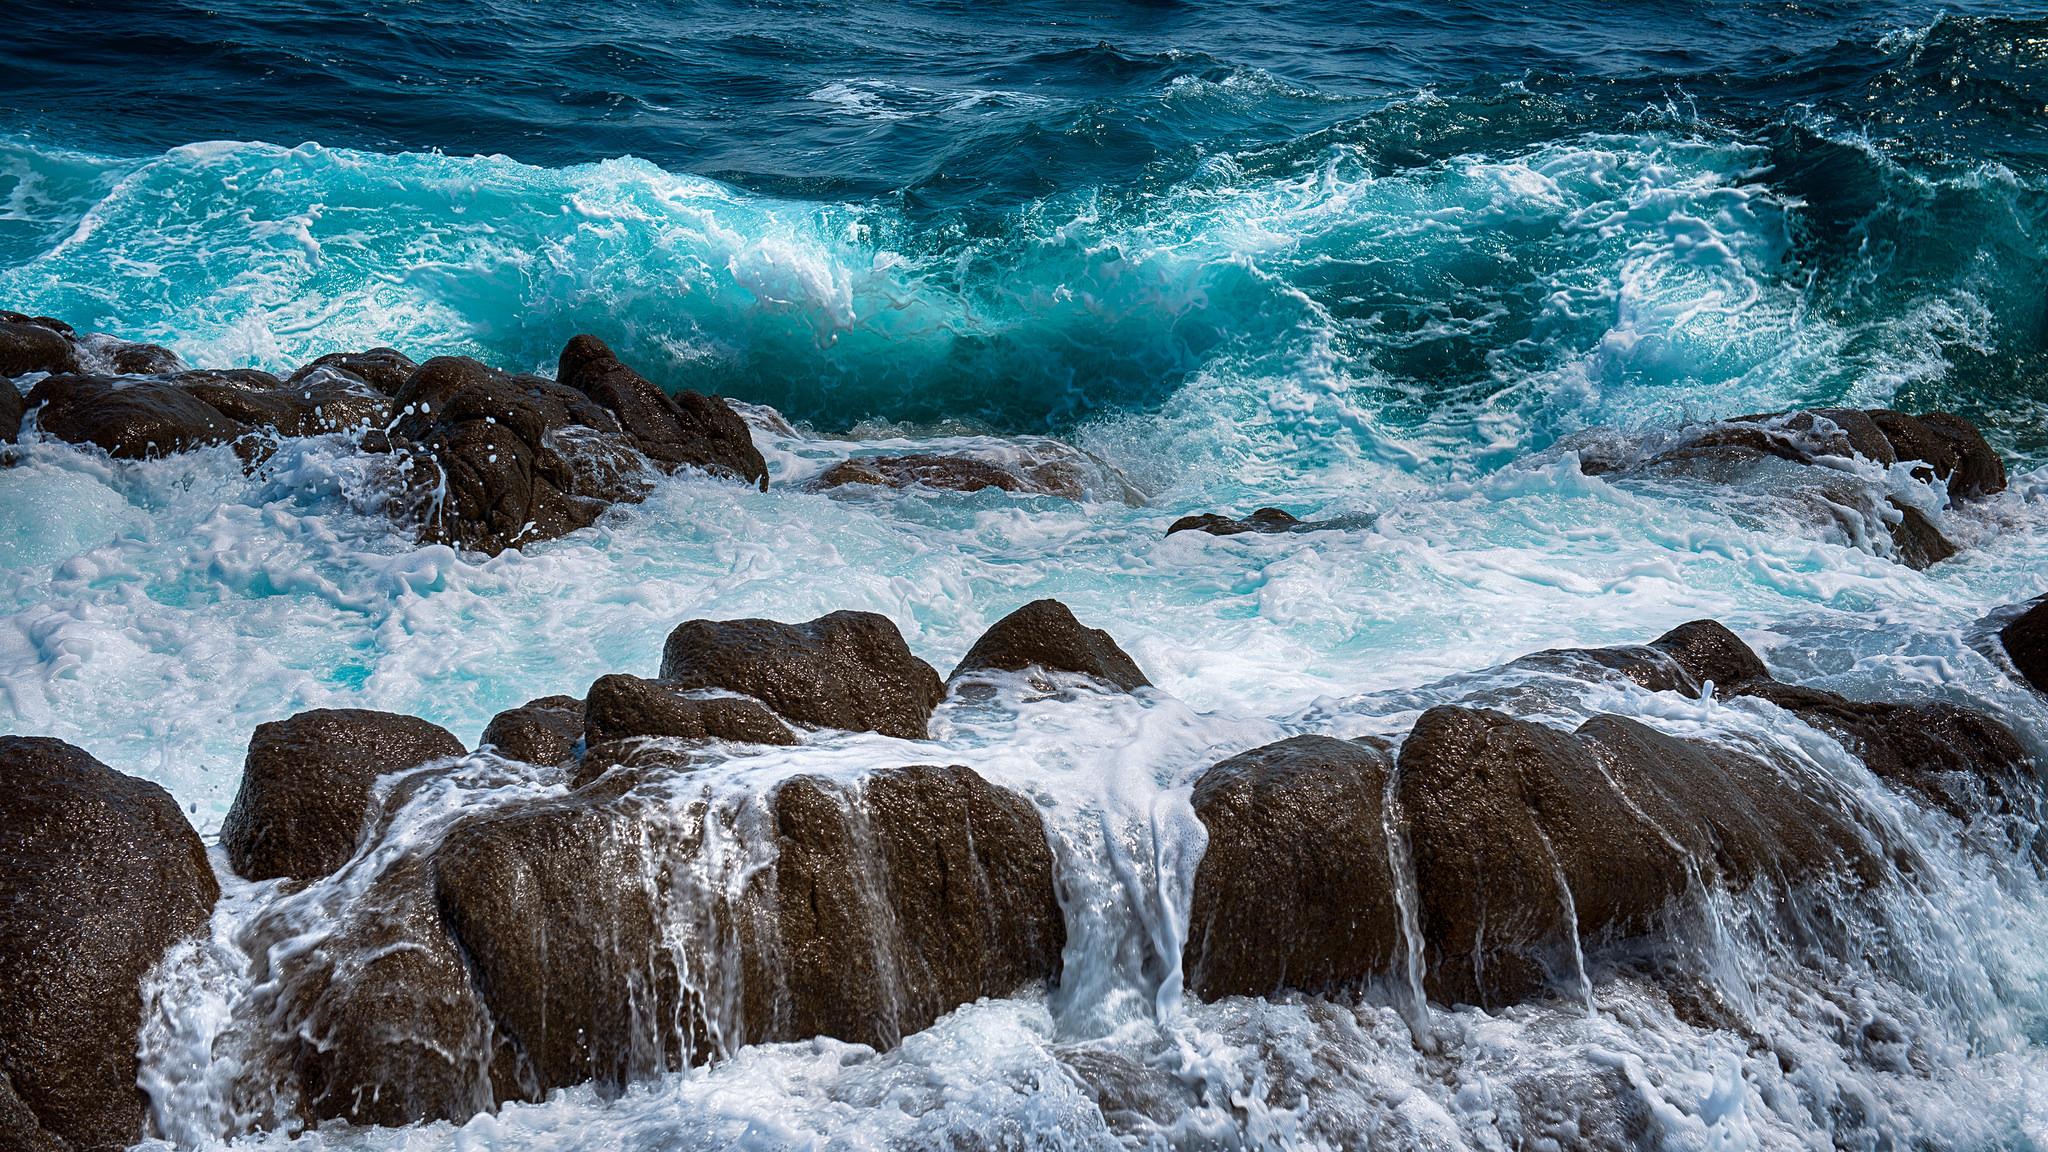 скала берег волны  № 2501544 бесплатно